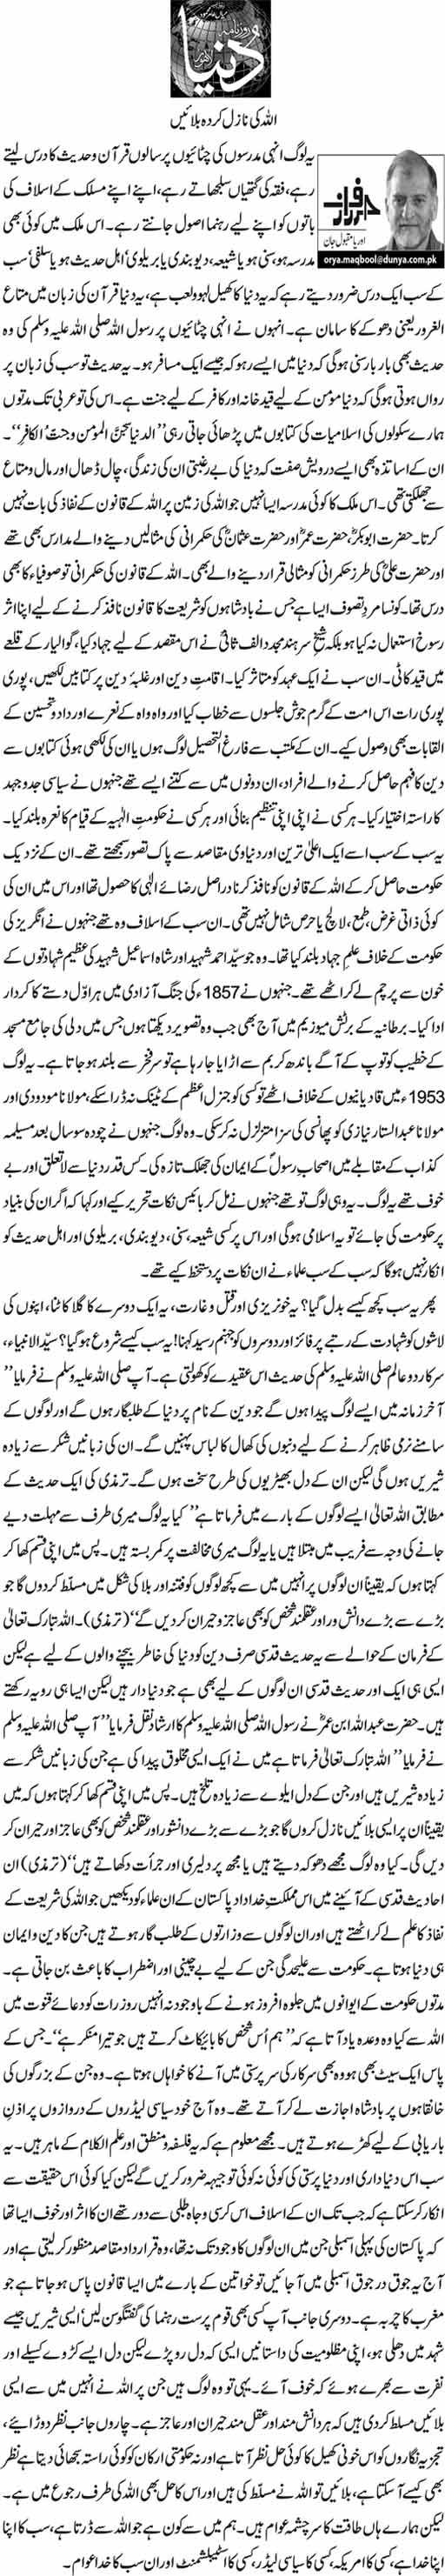 Allah Ki Nazil Karda Balain - Orya Maqbool Jan